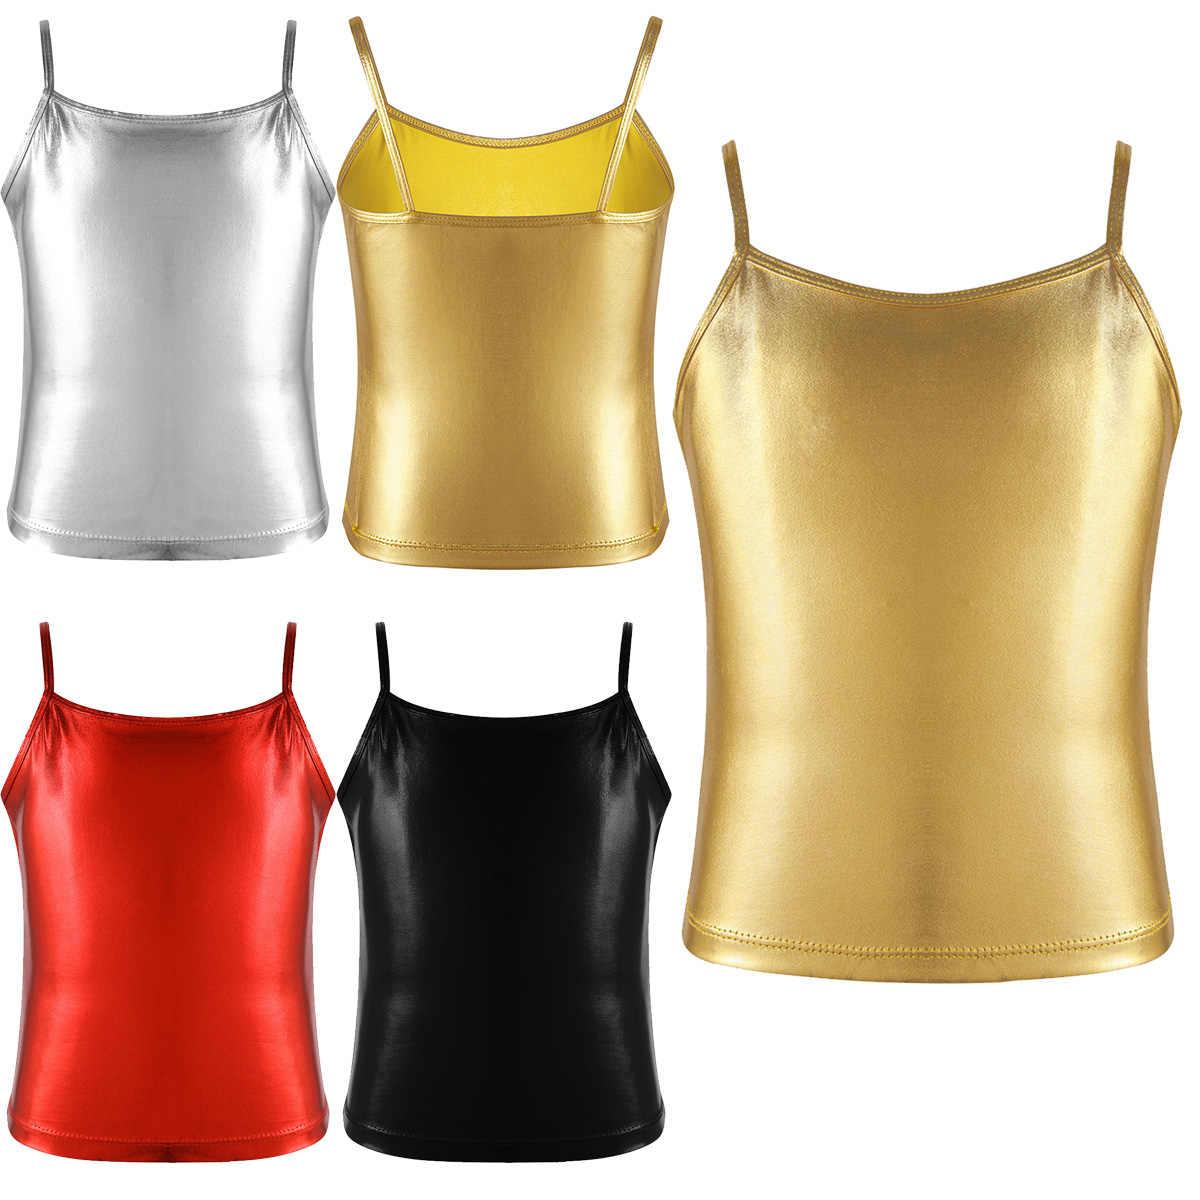 MSemis chico chicas metálico brillante Camiseta tanque de baile de Ballet Gimnasia Rítmica concurso disfraz de escenario actuación ropa